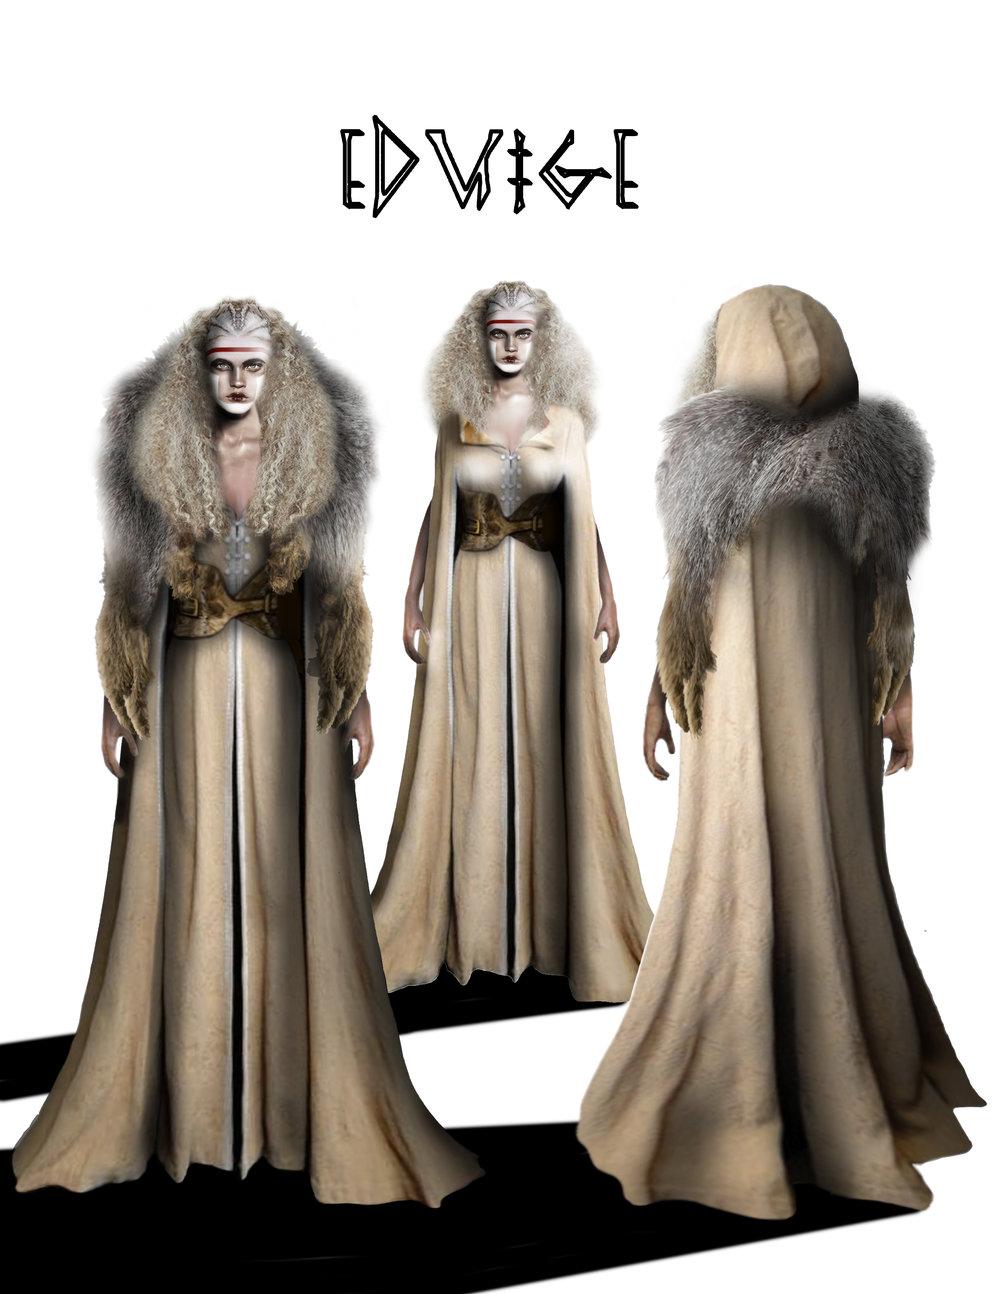 EDUIGE - Costume Design